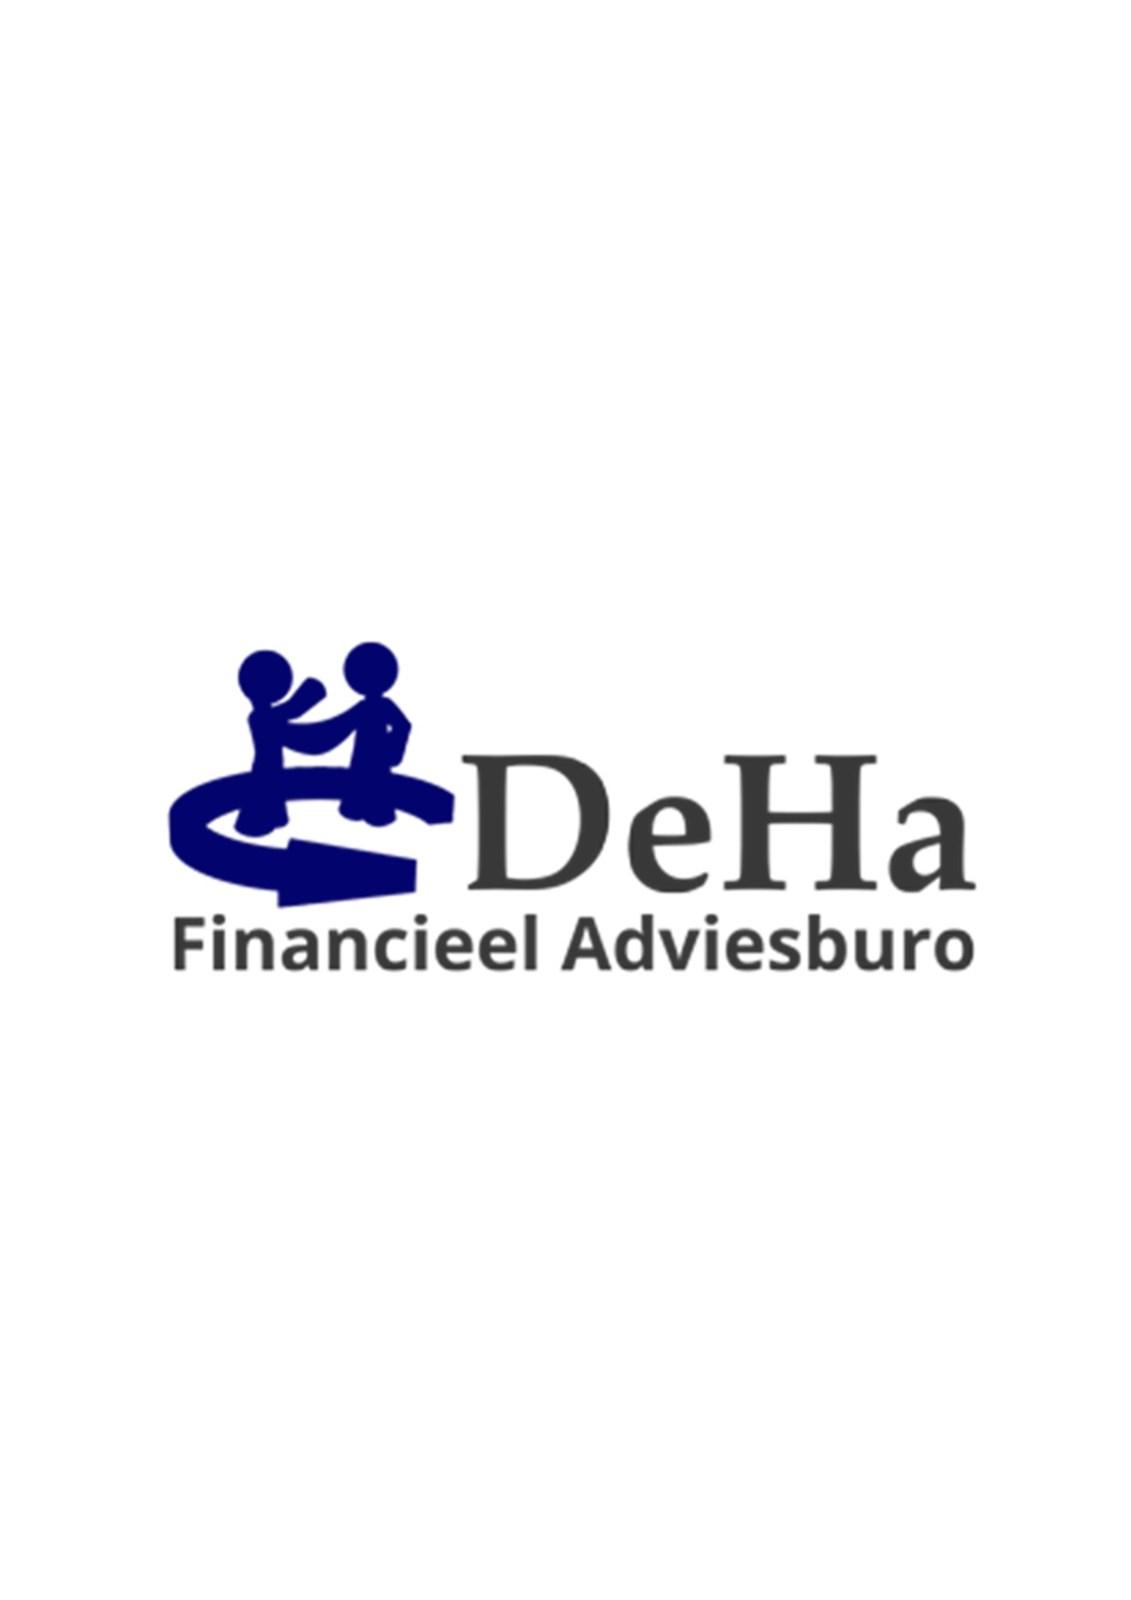 DeHa Financieel Adviesburo